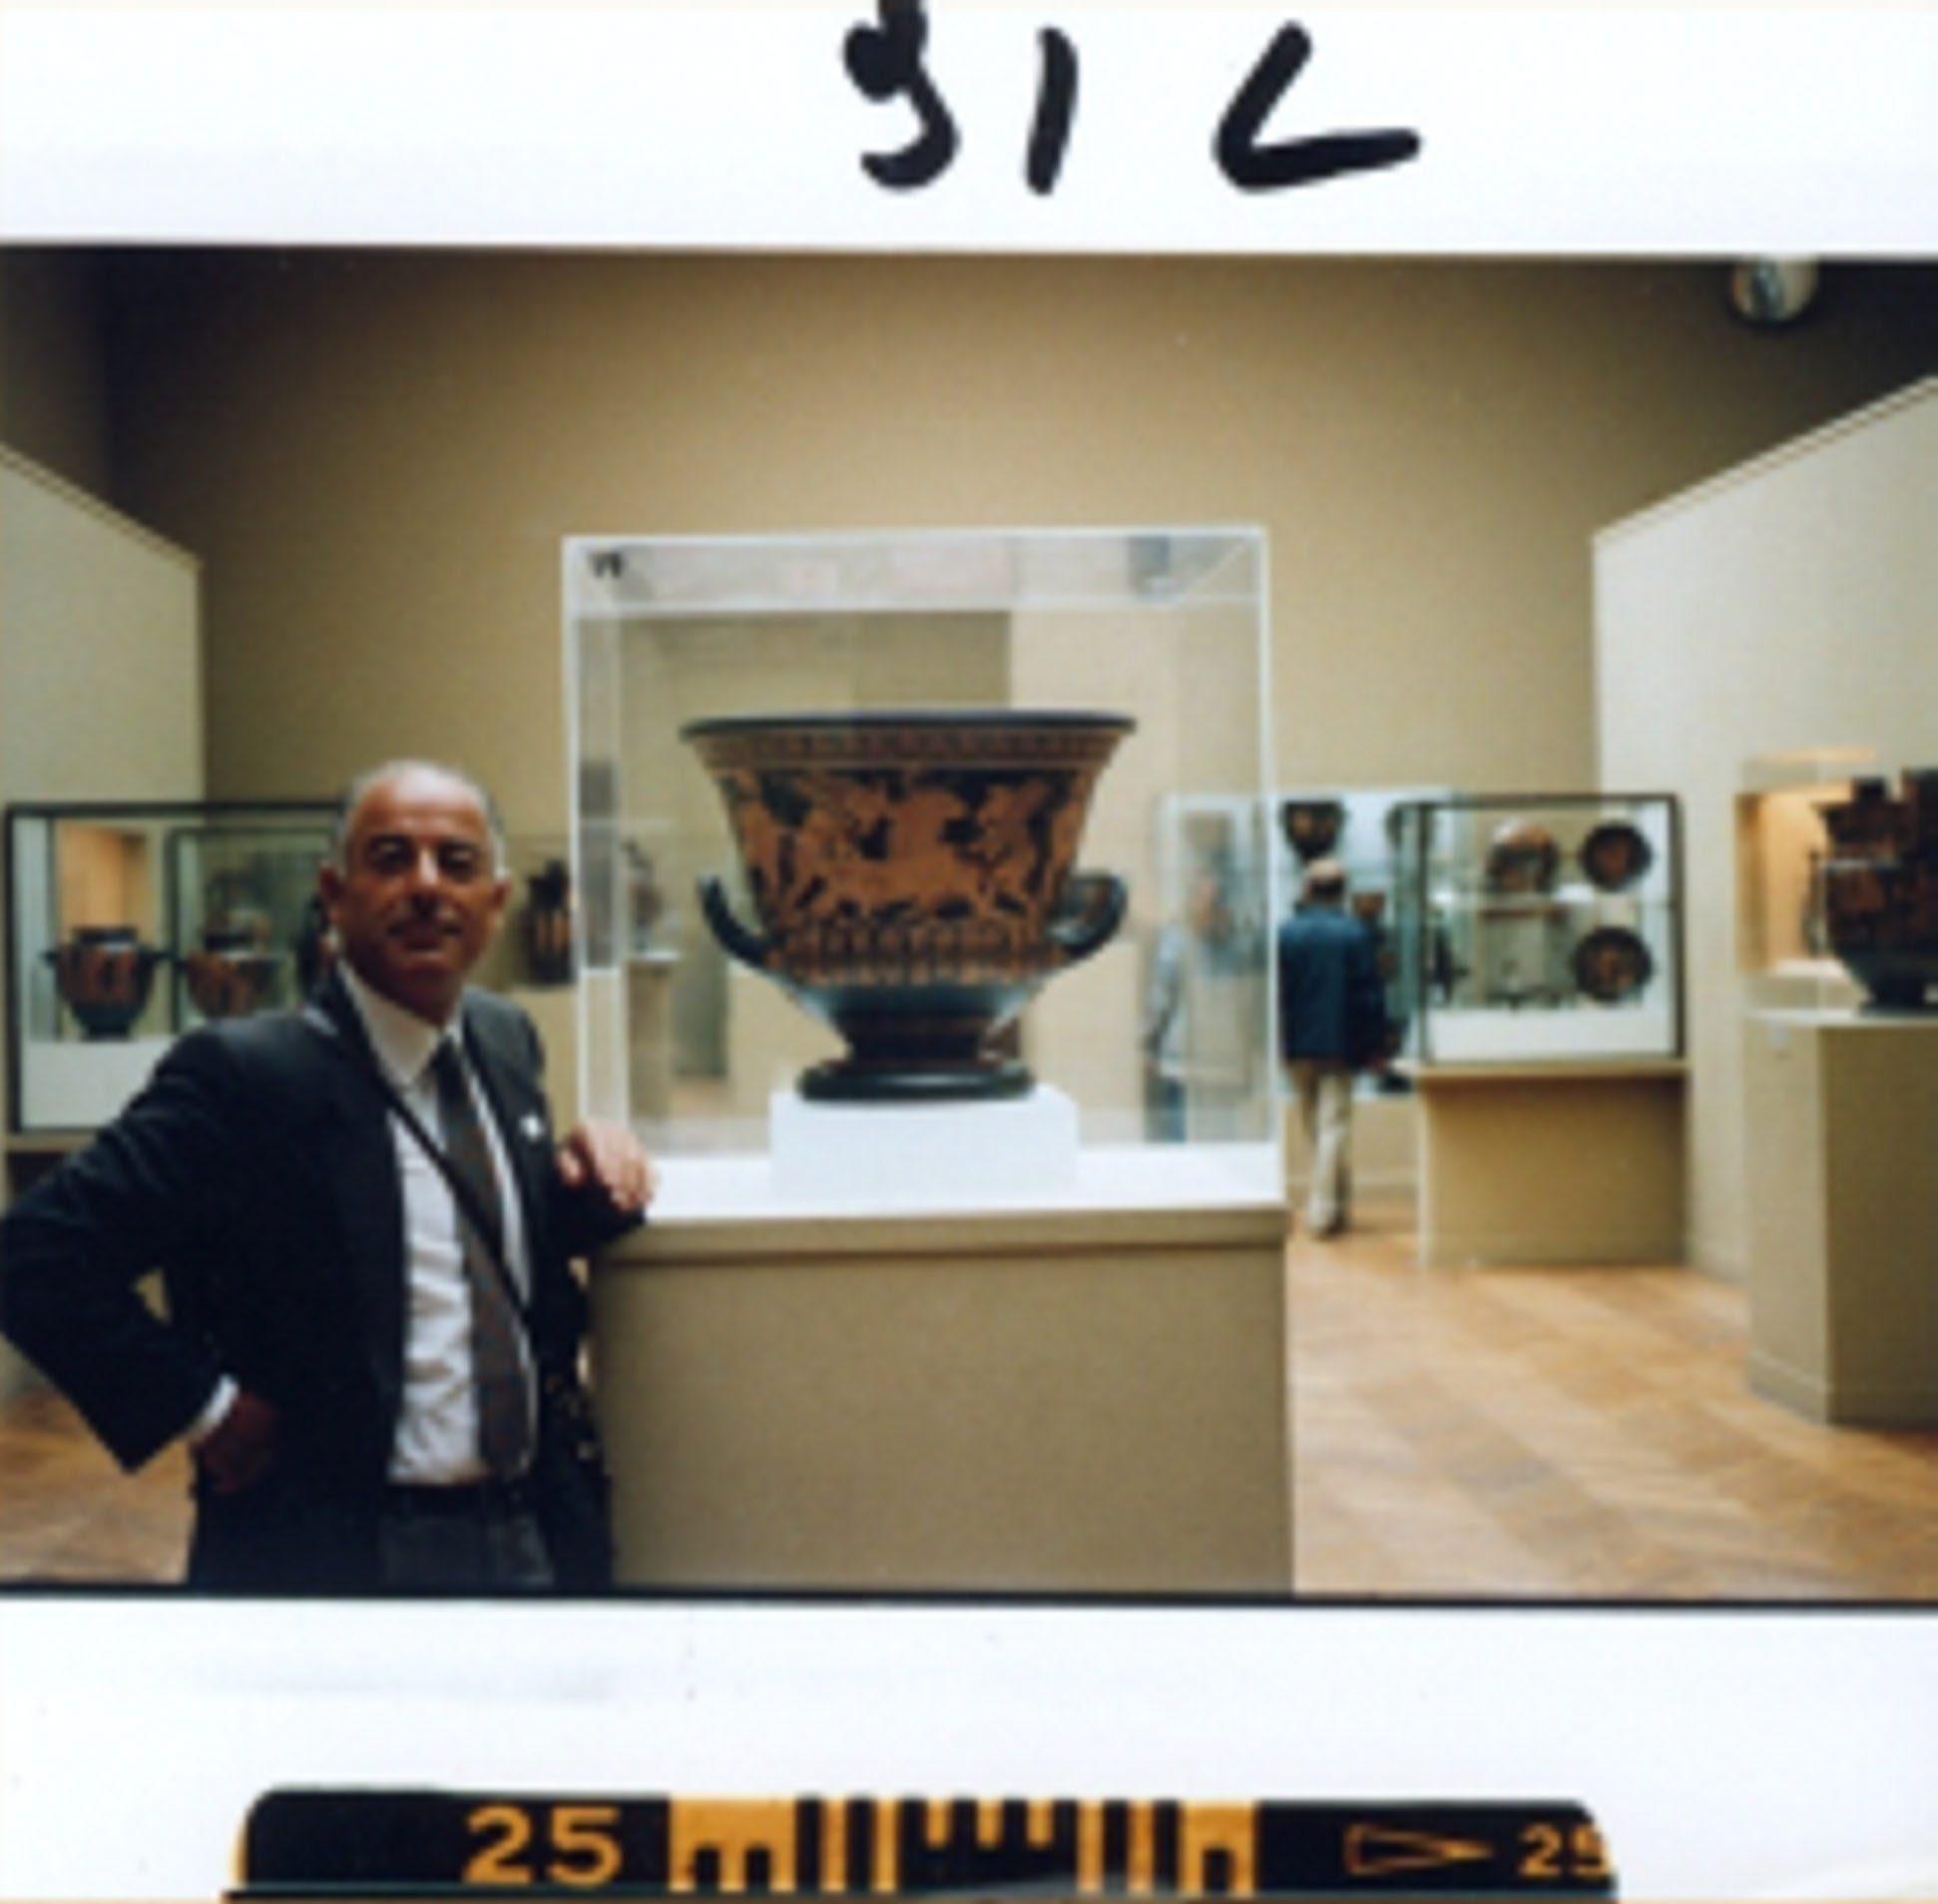 Foto trofeo de Medici, en el Metropolitan de Nueva York, junto al Vaso de Eufronios, que el museo norteamericano tuvo que devolver